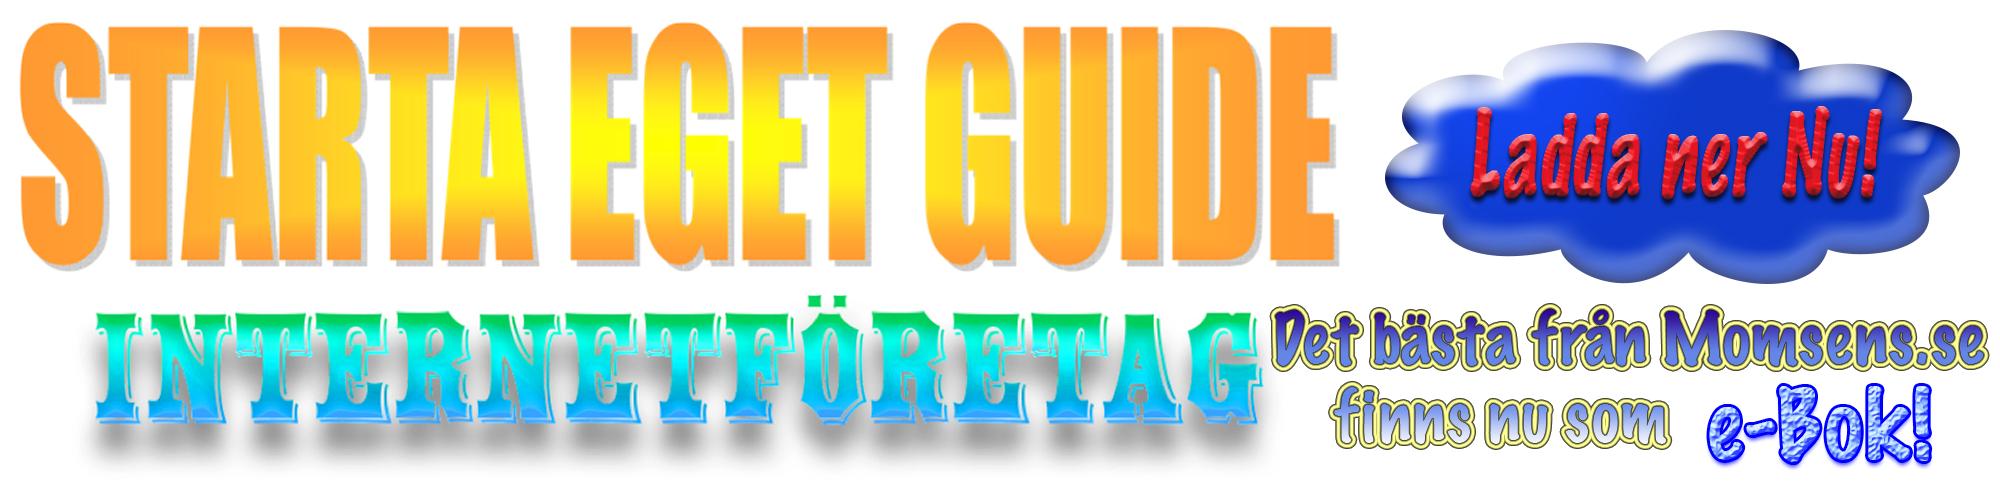 Starta Eget Guide reklambanner eBok